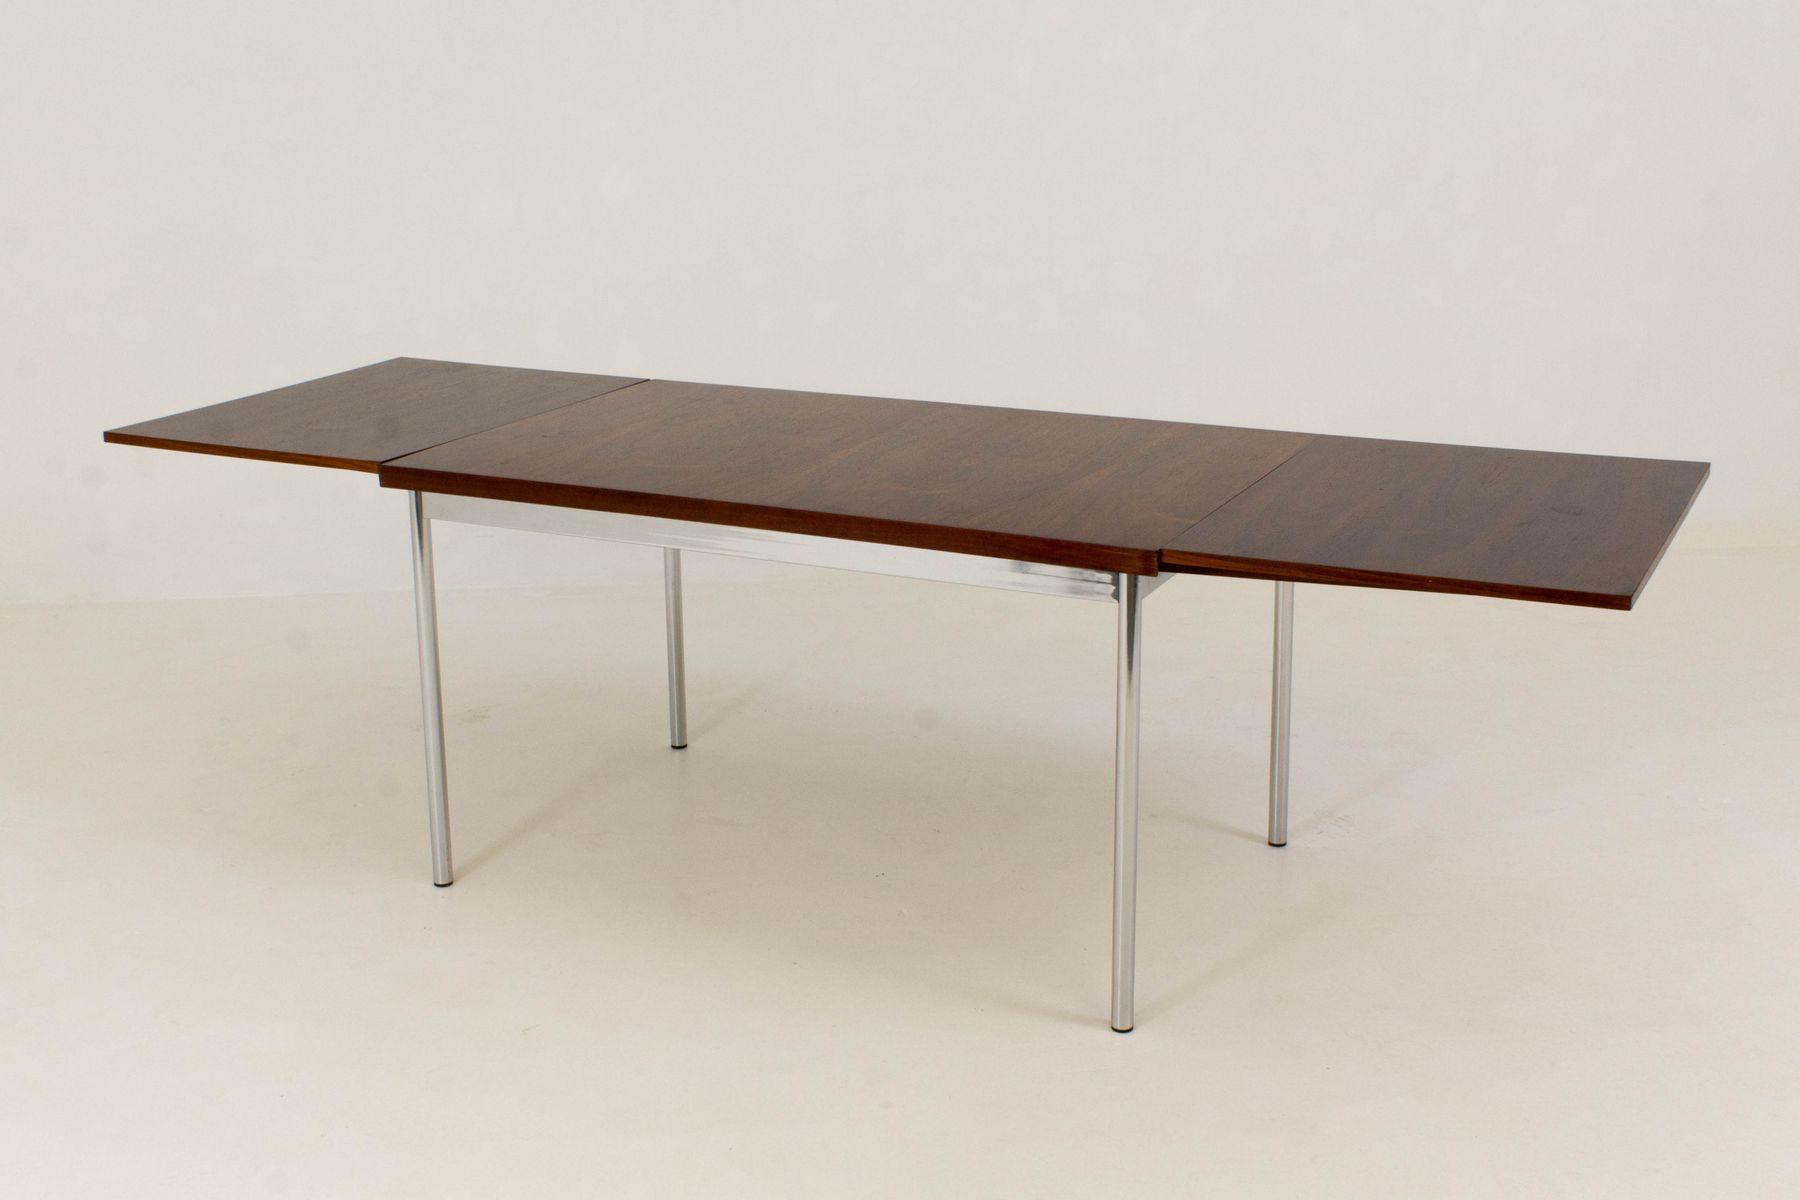 Table de salle manger extensible de pastoe 1960s en for Table de salle a manger usage